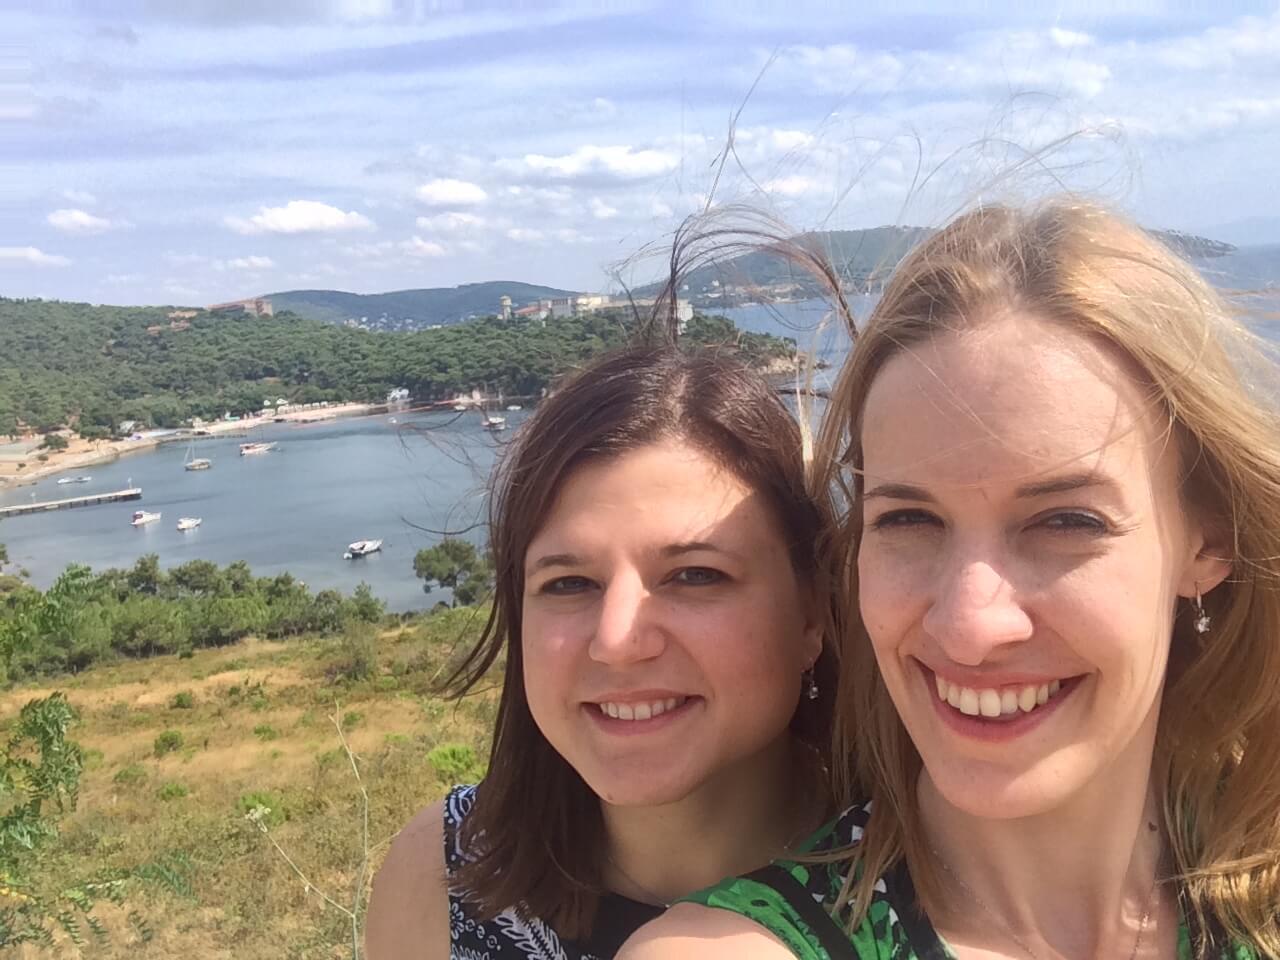 Harparlando macht Urlaub in der Türkei